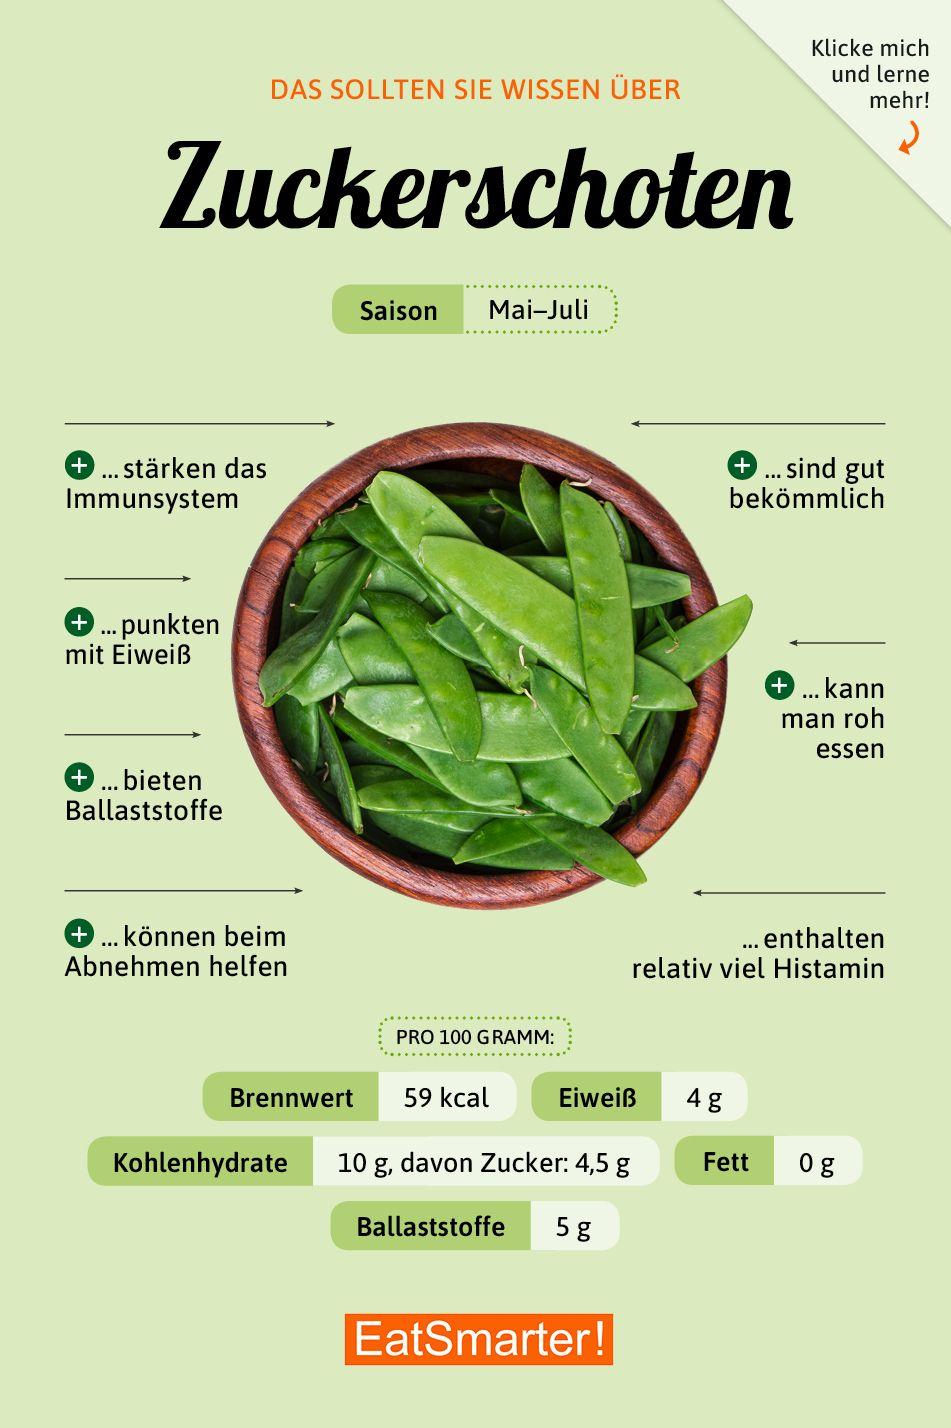 Das solltest du über Zuckerschoten wissen | eatsmarter.de #ernährung #infografik #zuckerschoten #vitamins